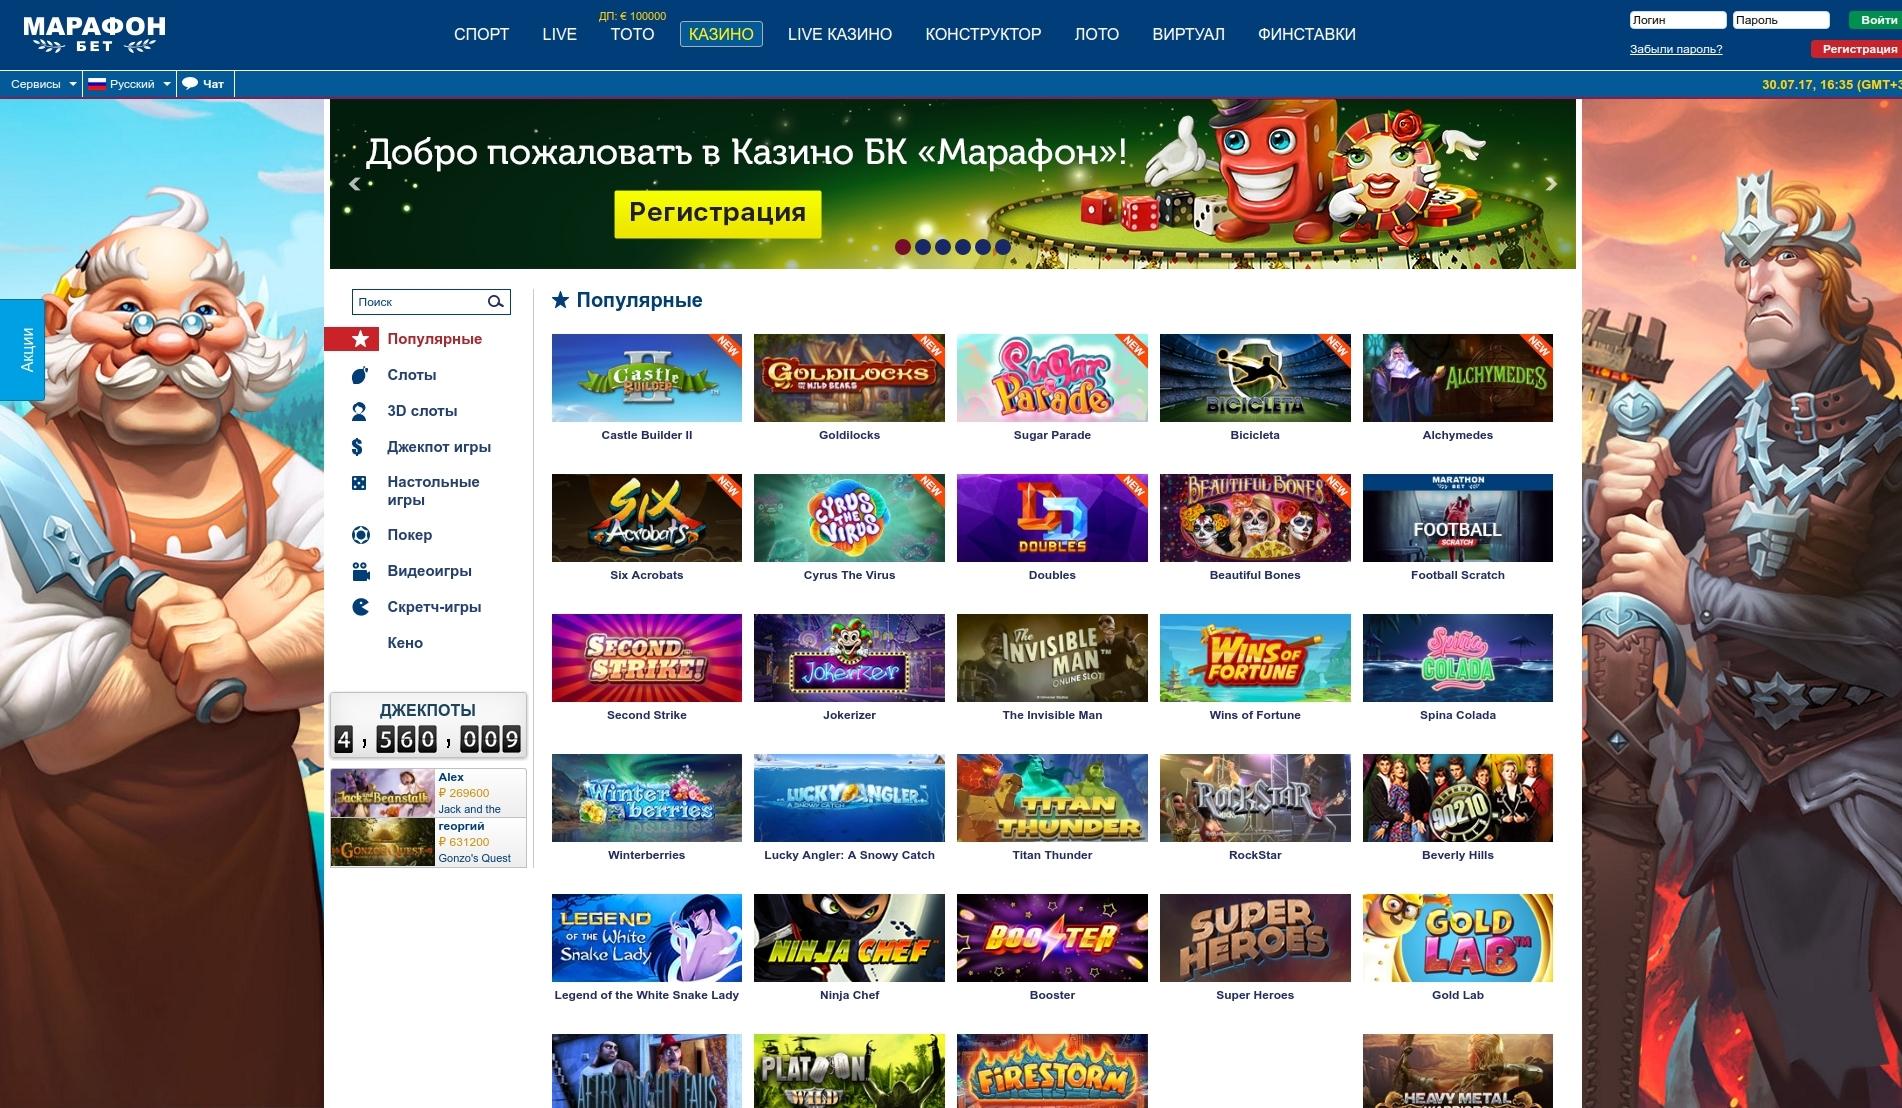 официальный сайт марафон казино онлайн